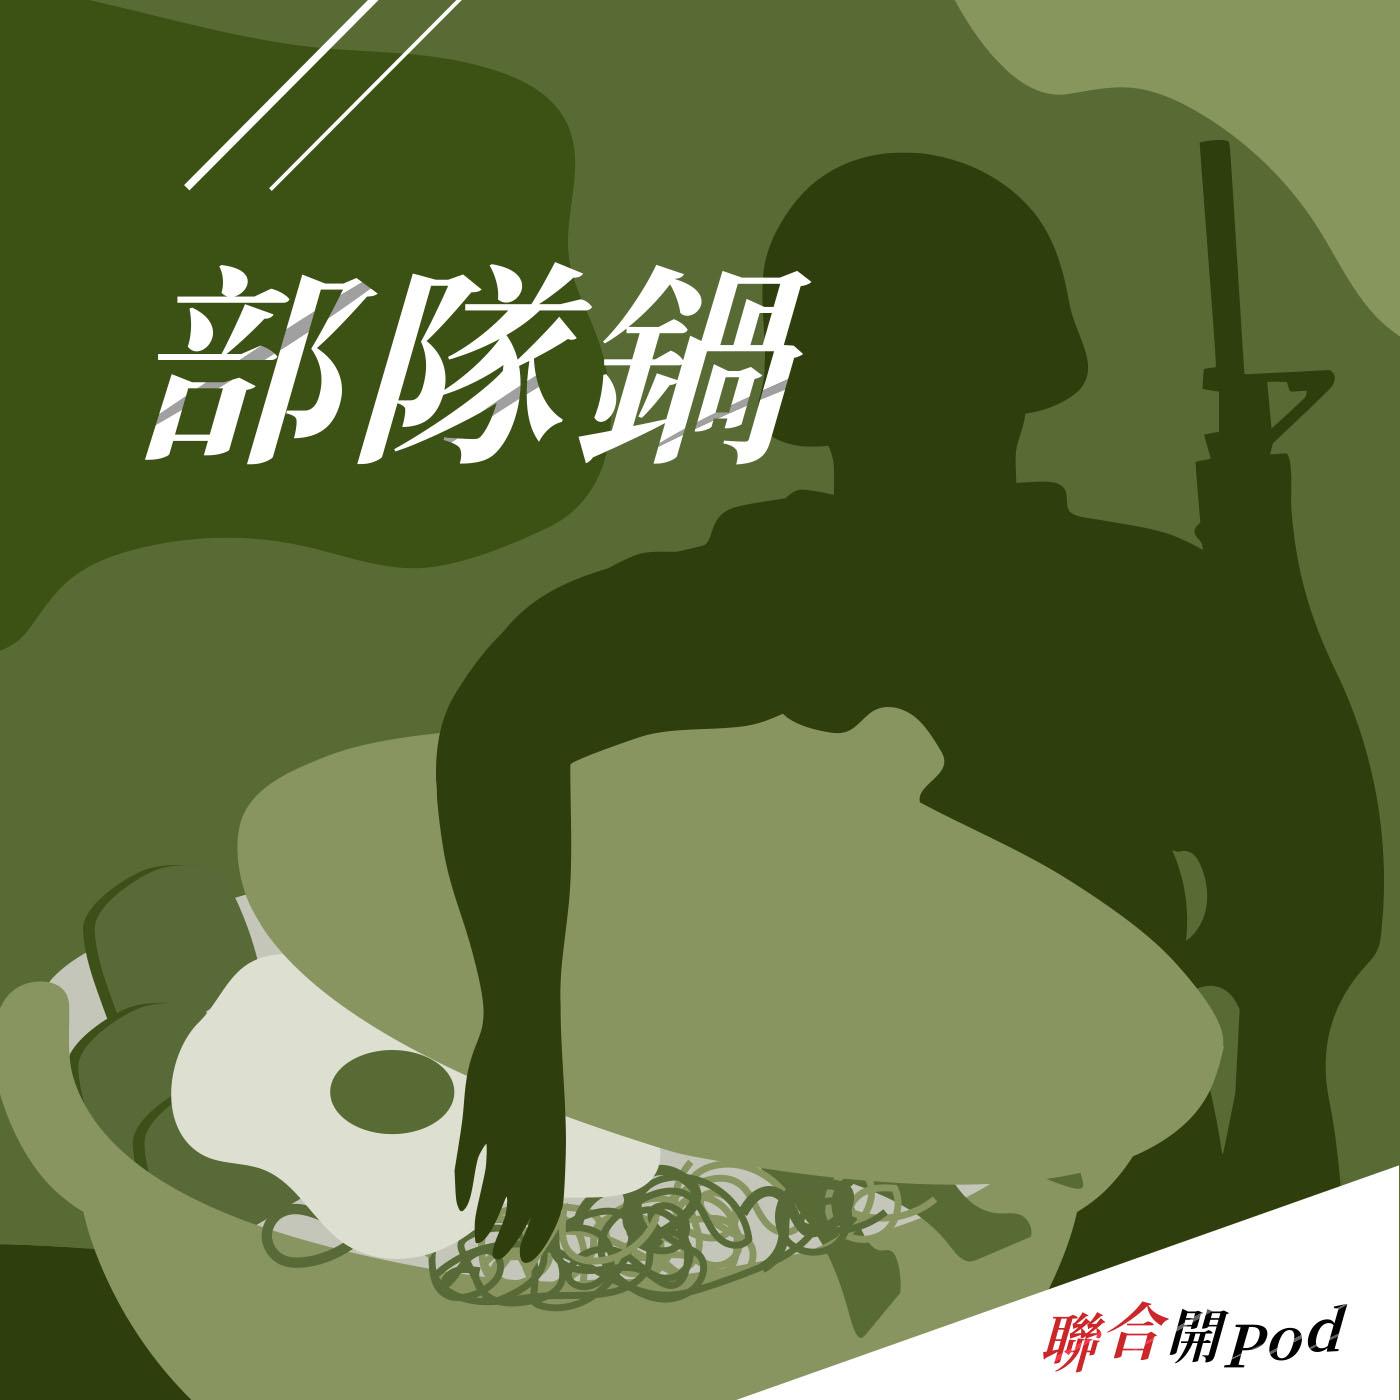 部隊鍋 EP27 台灣少子化衝擊 國軍步兵訓練還能靠人海戰術、刺槍肉搏嗎?